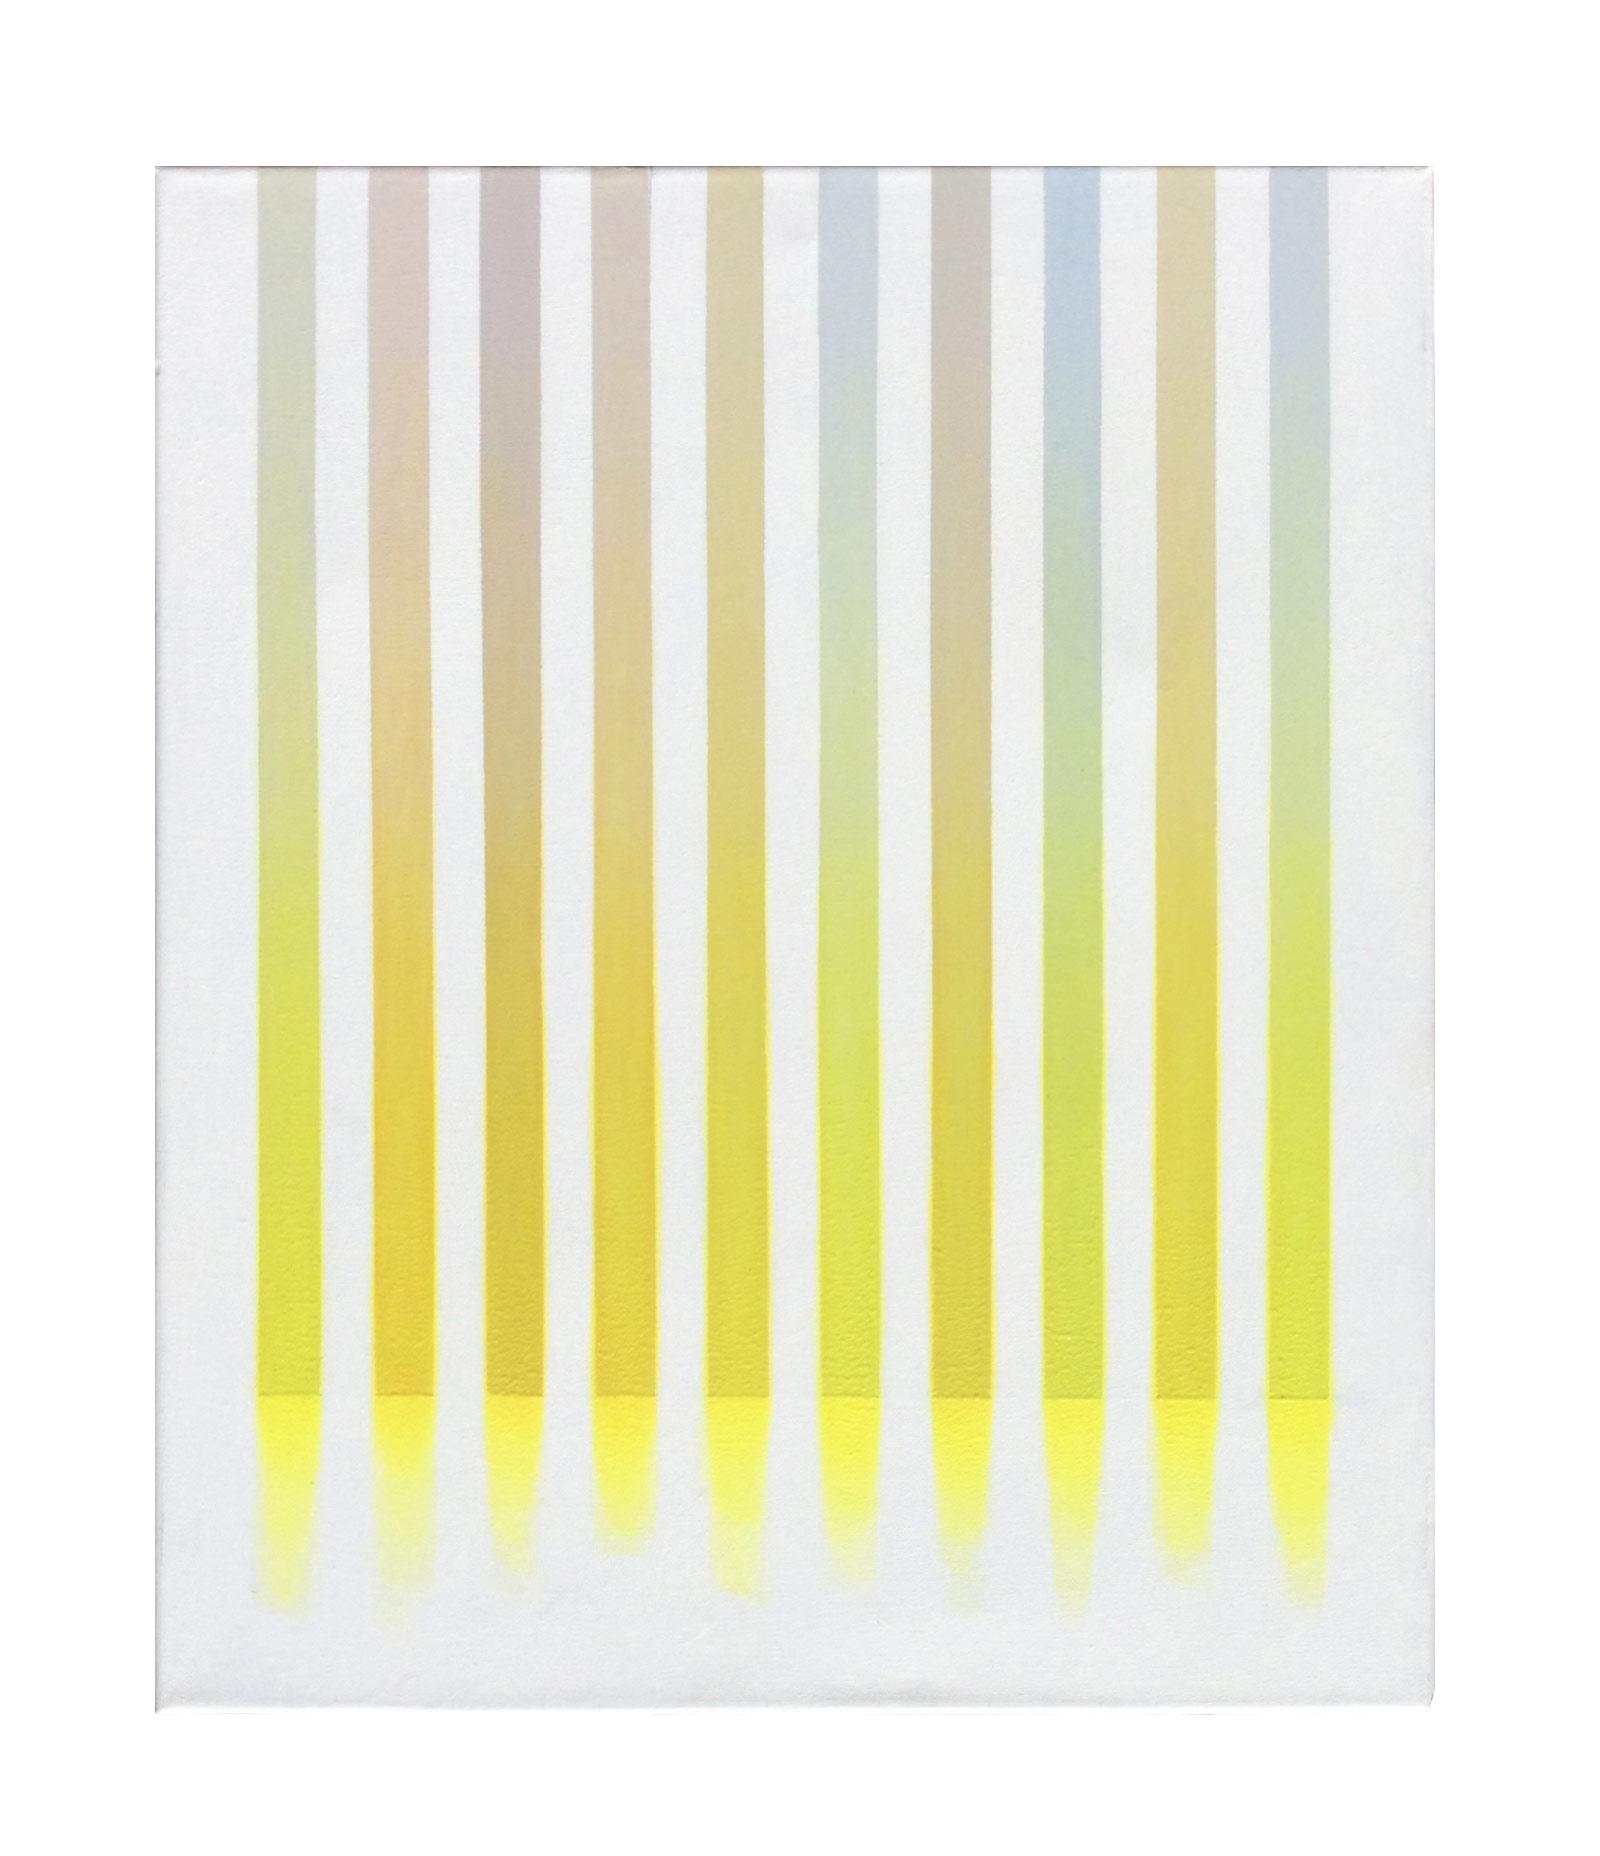 acrylique sur toile 46 x 54,5 cm